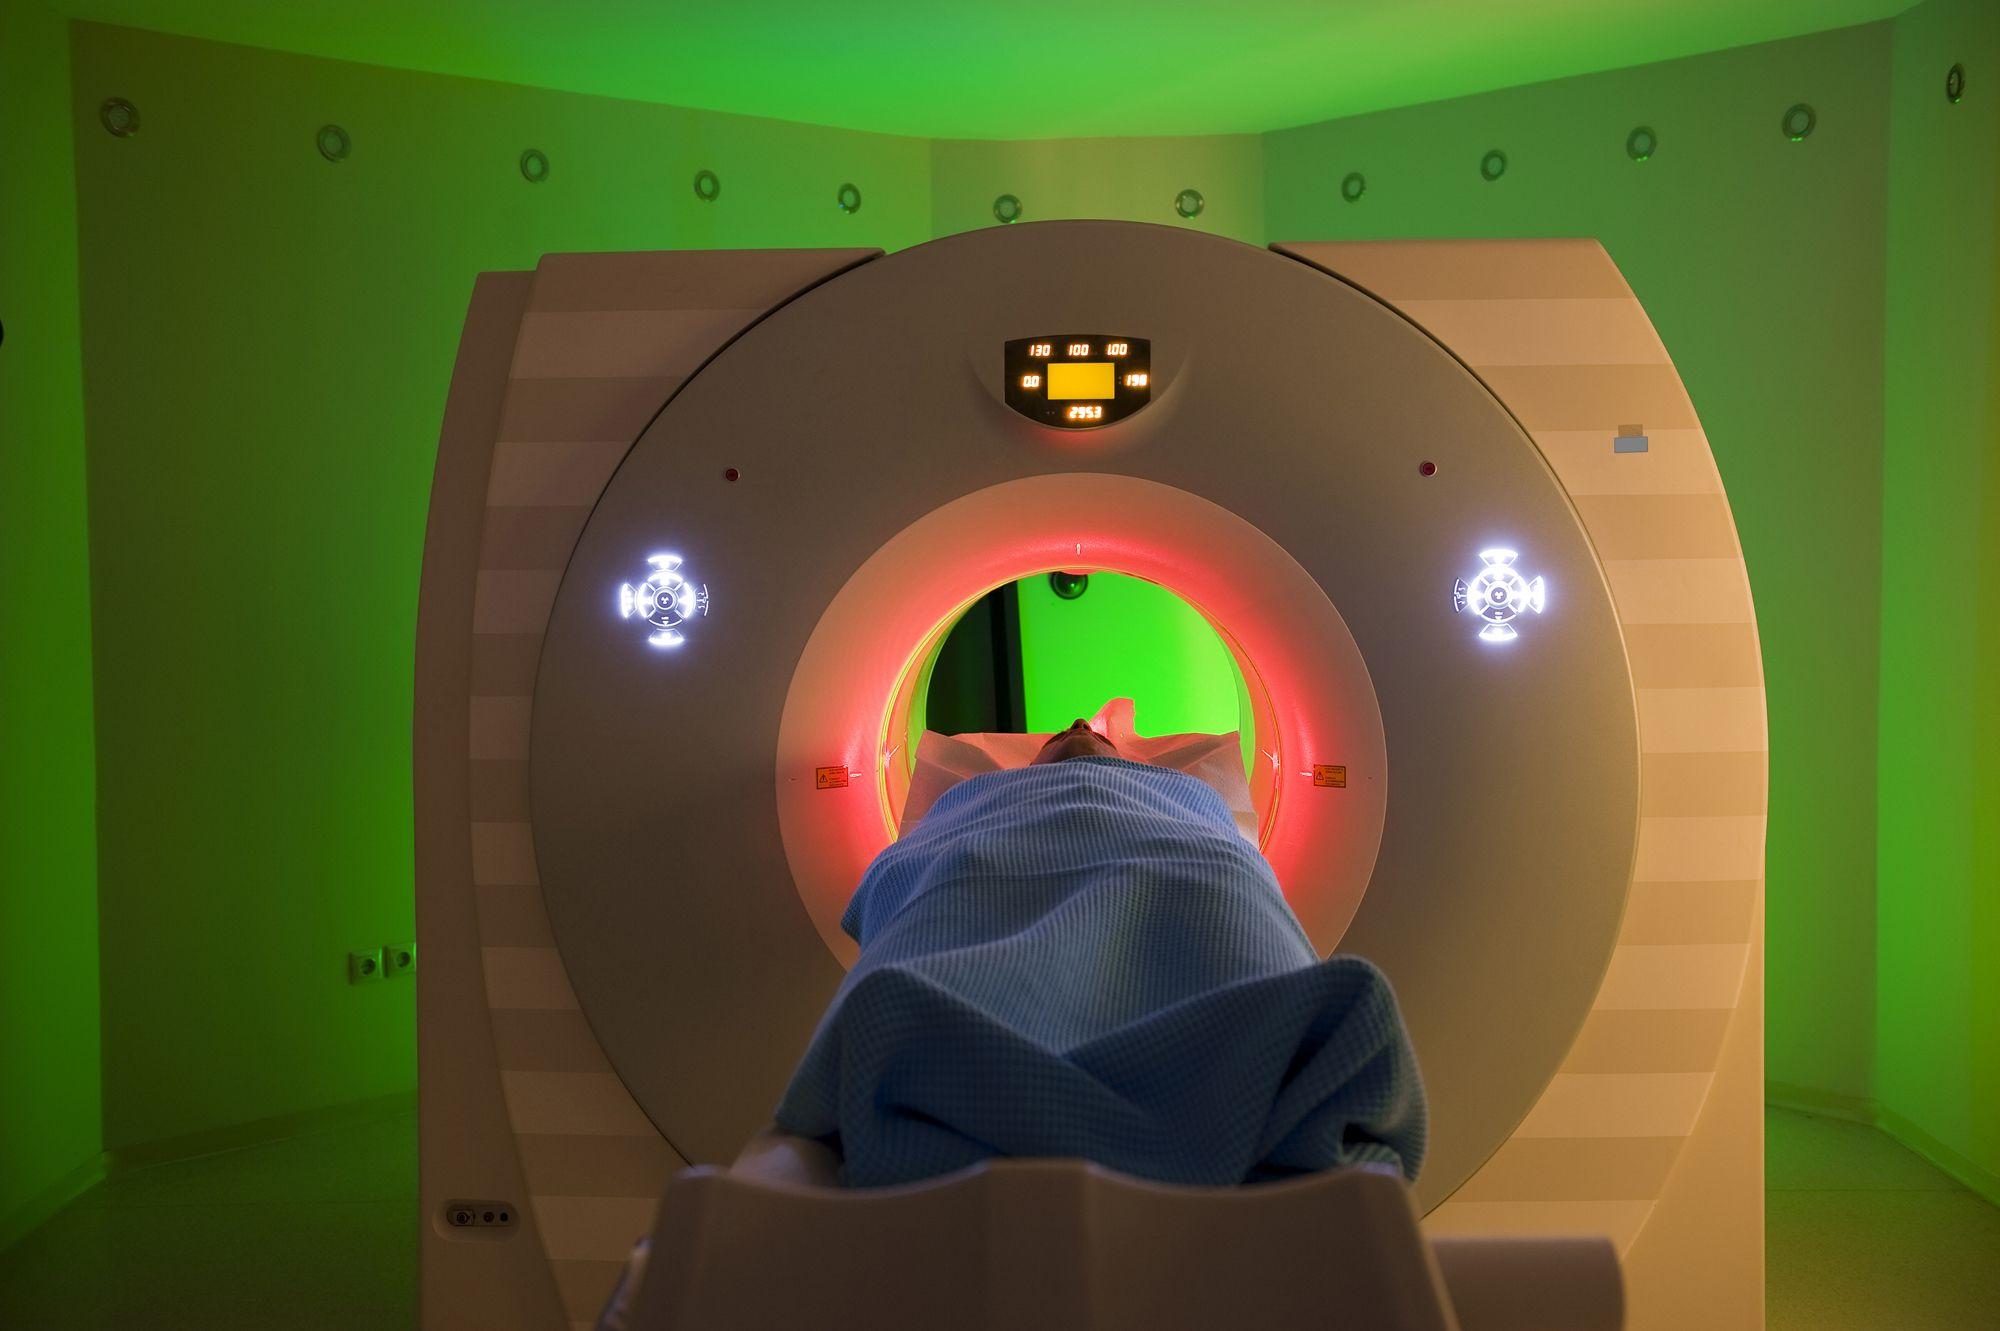 mejor especialista en cáncer de próstata en Pennsylvania